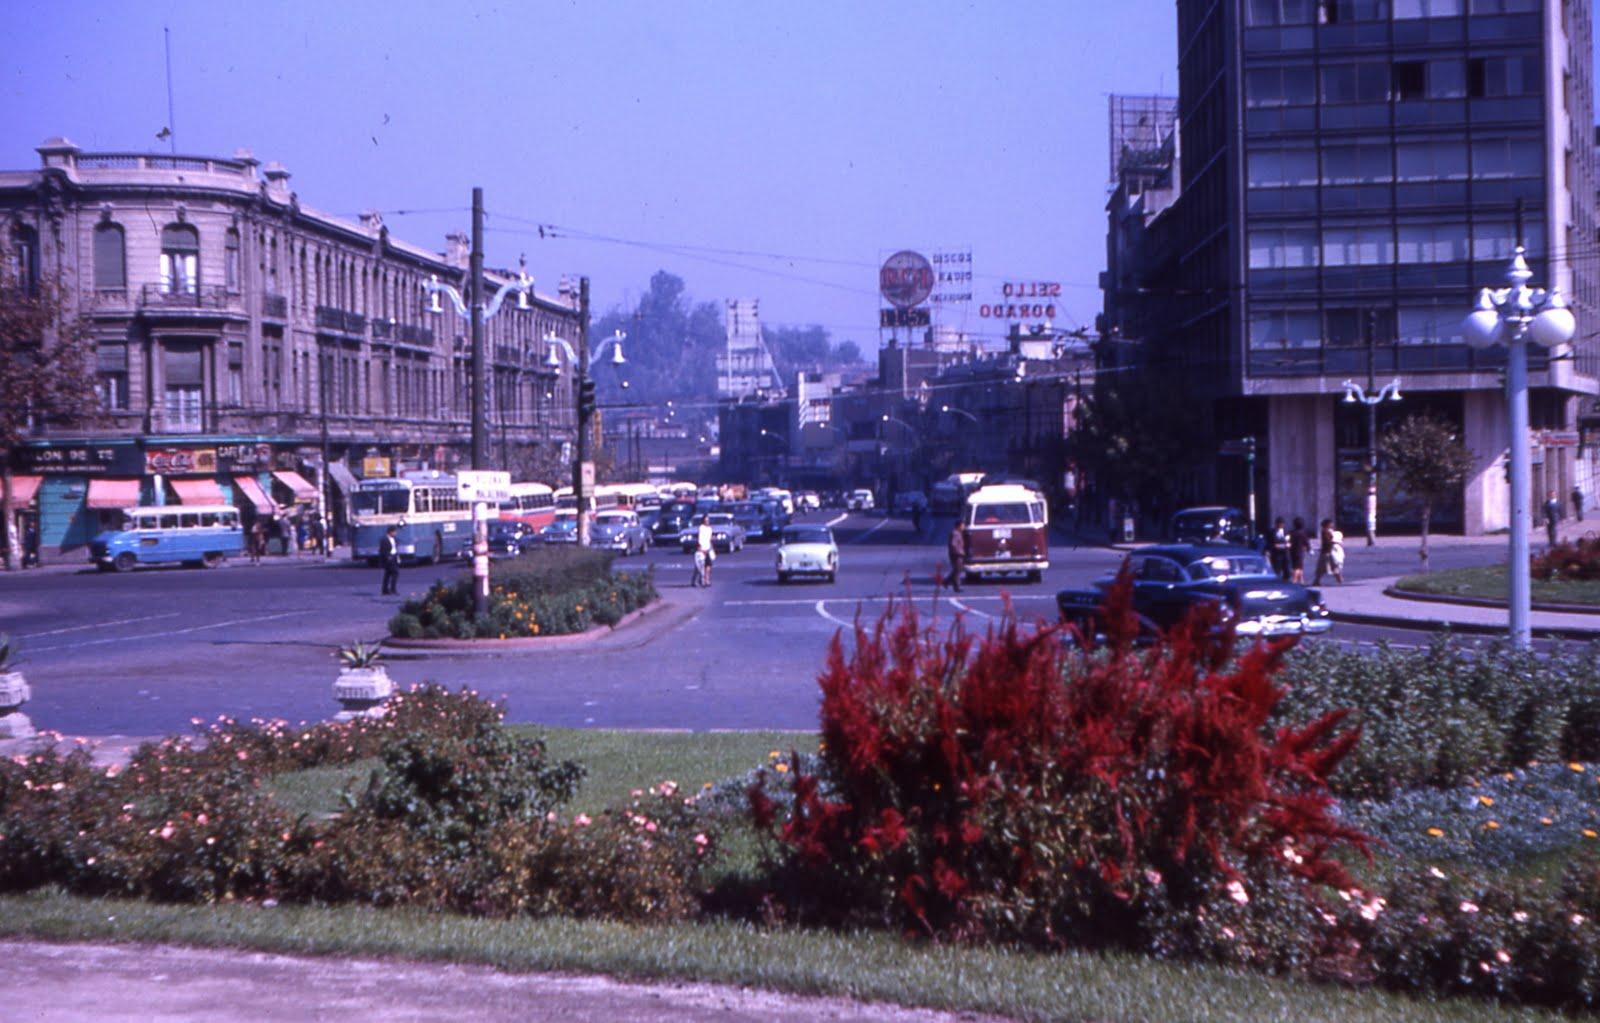 Enterreno - Fotos históricas de chile - fotos antiguas de Chile - Inicio de la Alameda en 1963